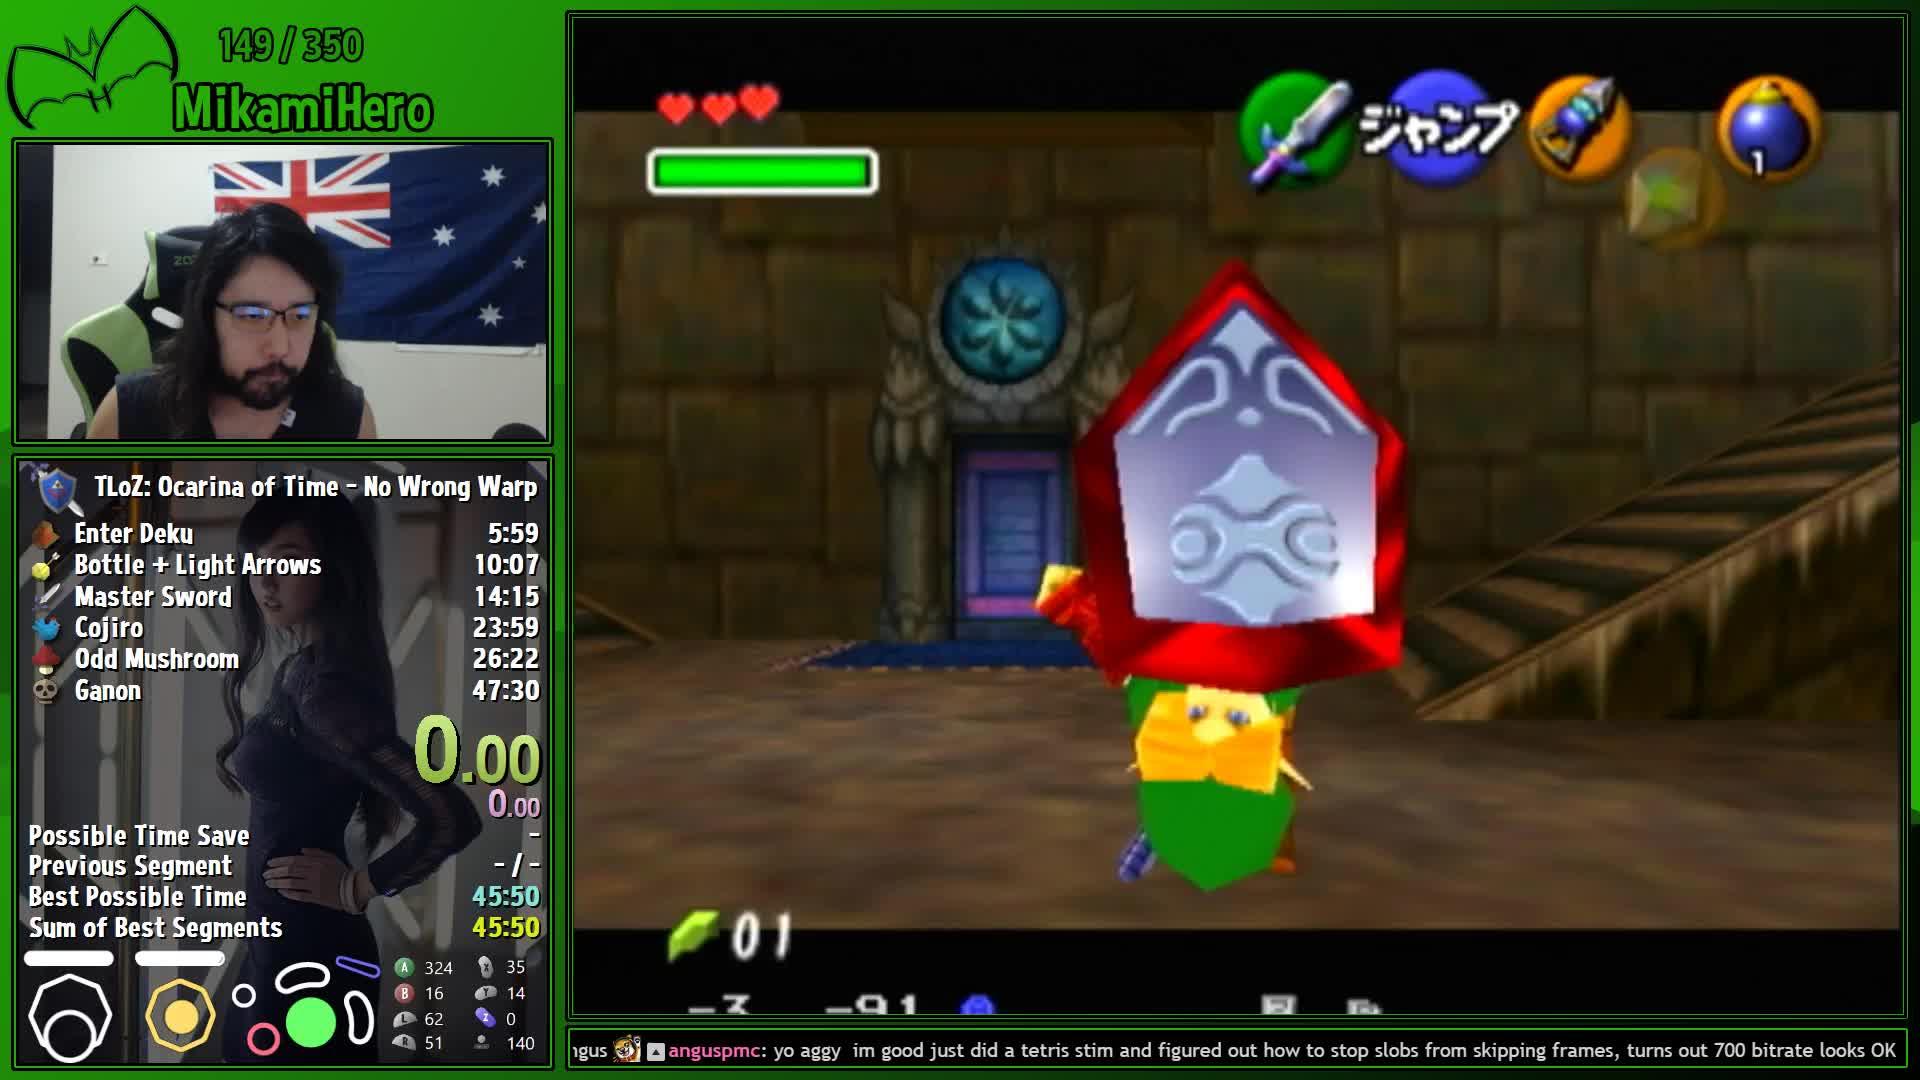 MikamiHero - OoT No Wrong Warp speedruns :) !noww - Twitch